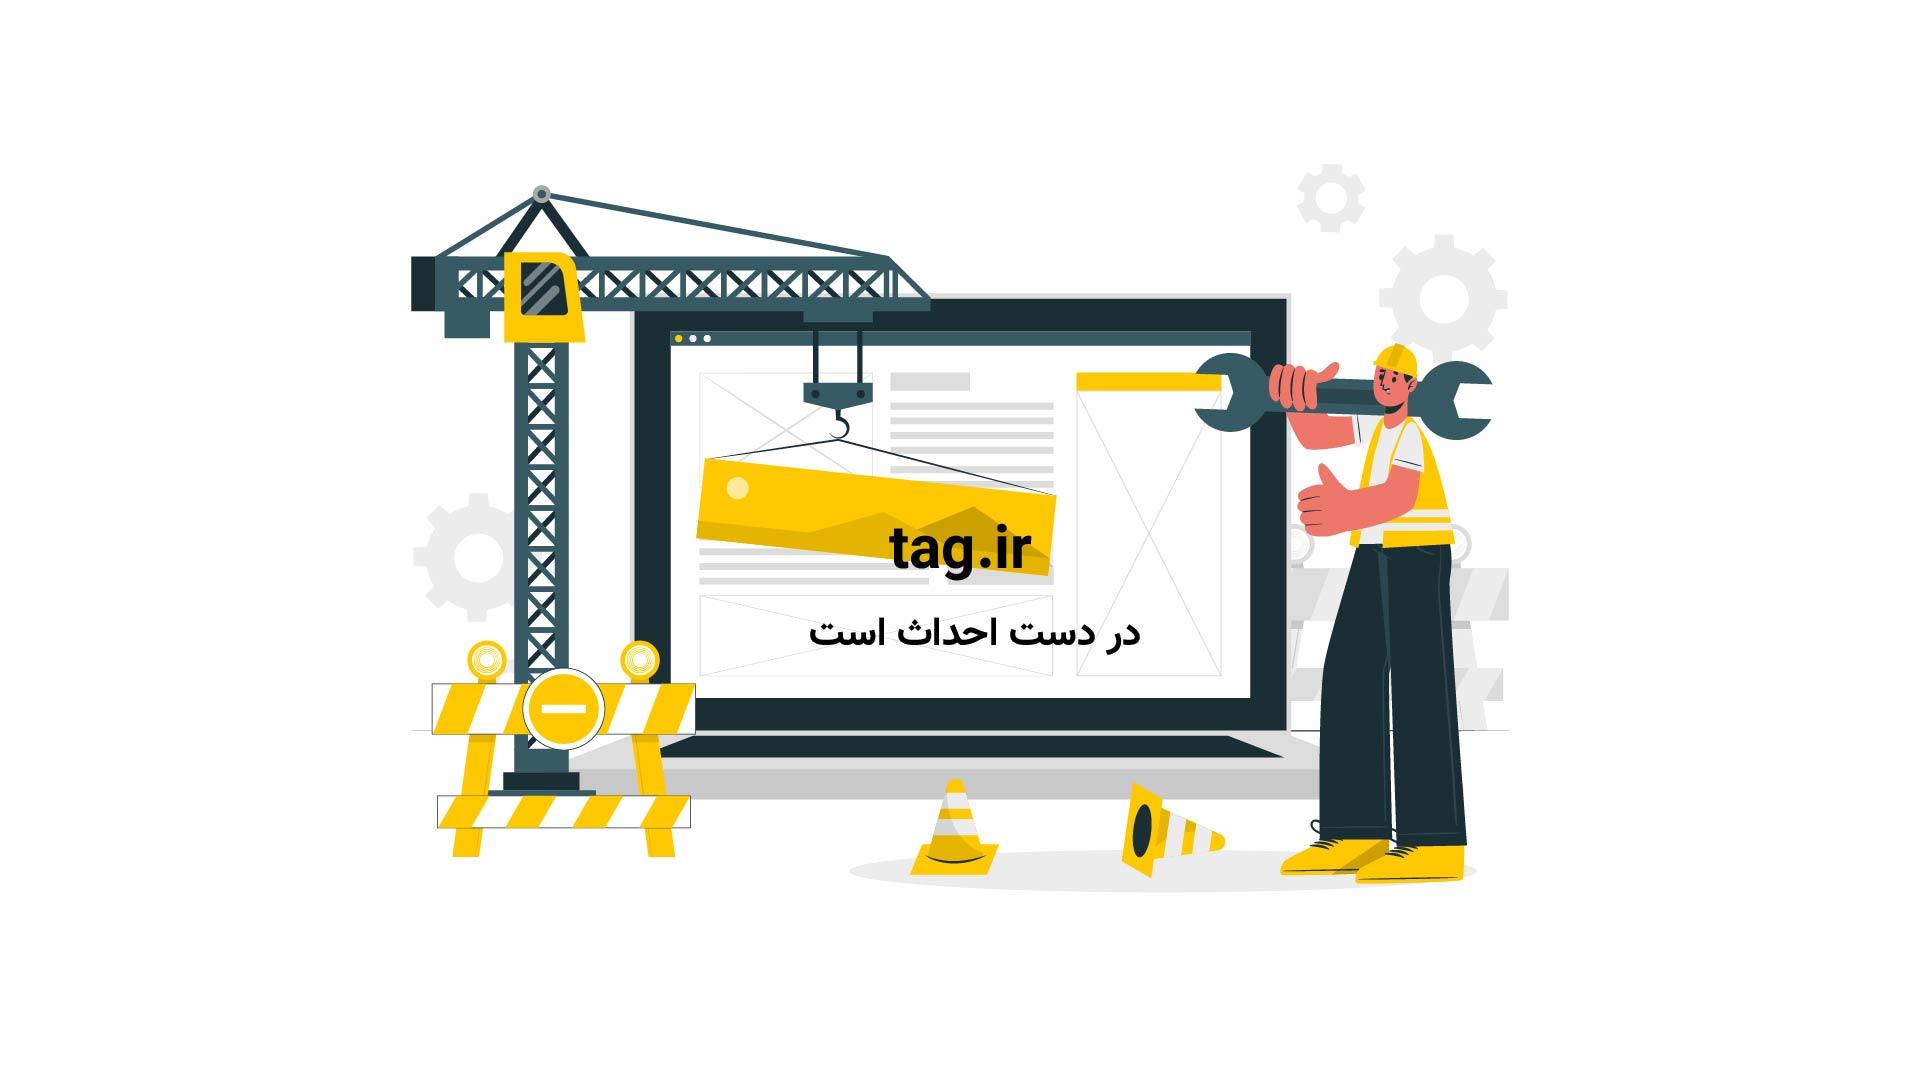 نقاشی زیبا با شن با موضوع حفظ منابع آبی | فیلم